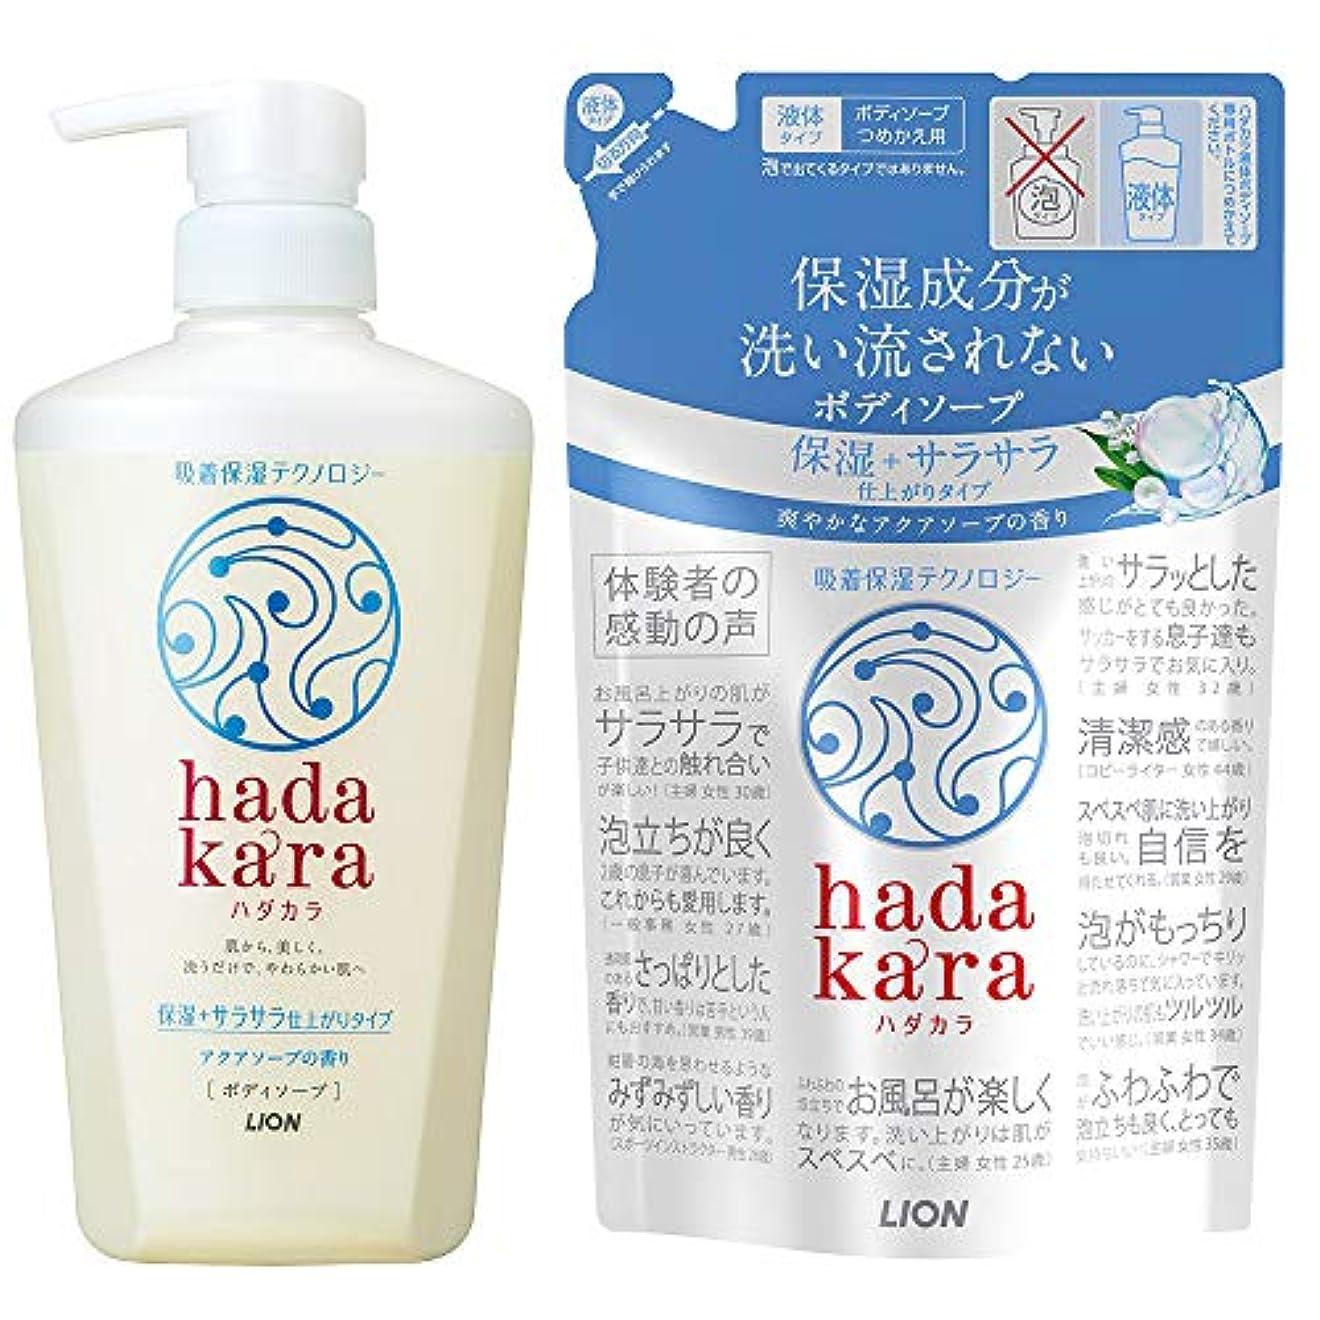 ビデオ記念日を除くhadakara(ハダカラ) ボディソープ 保湿+サラサラ仕上がりタイプ アクアソープの香り (本体480ml+つめかえ340ml) アクアソープ(保湿+サラサラ仕上がり) +